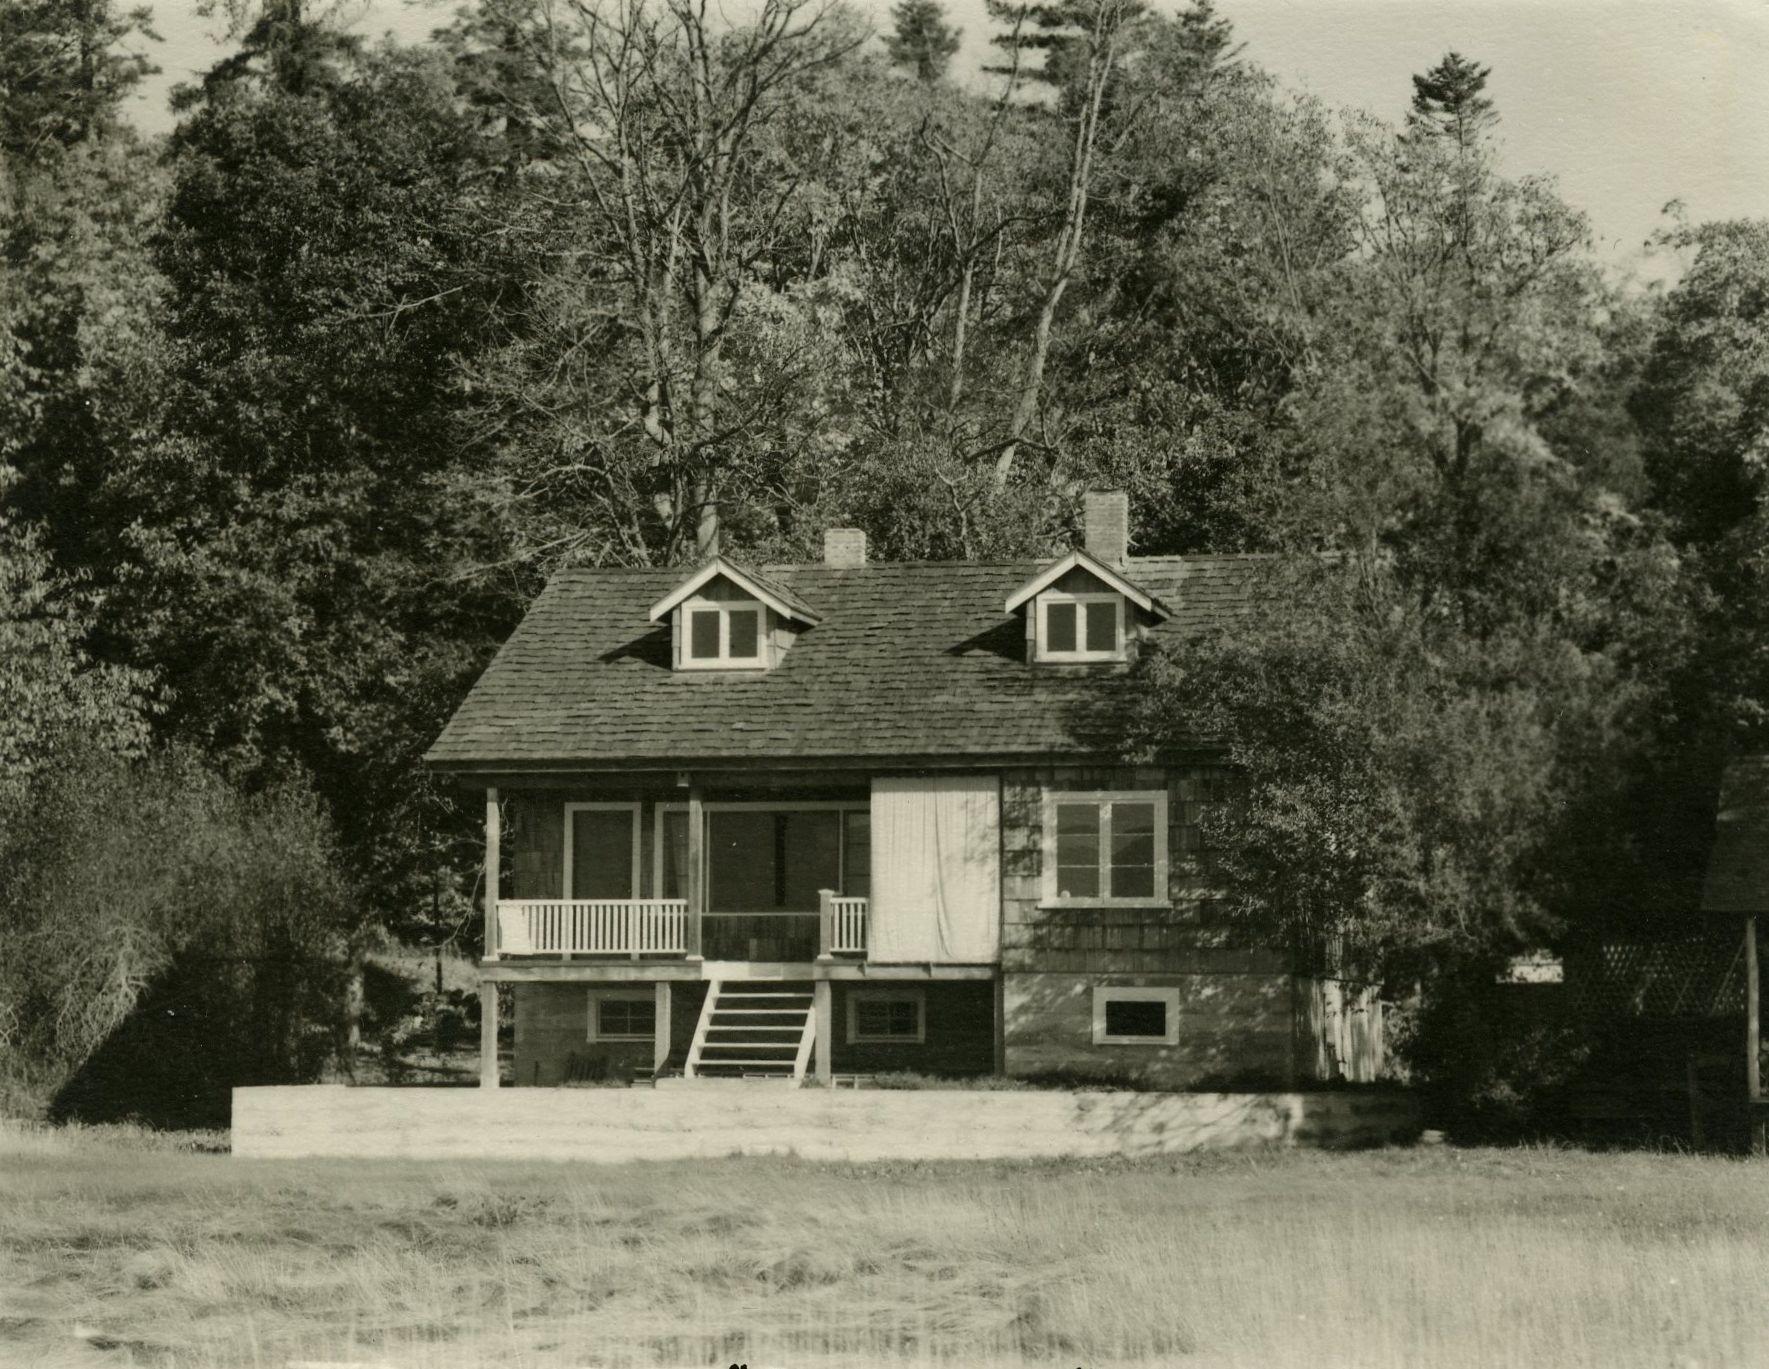 Shakesides 1950